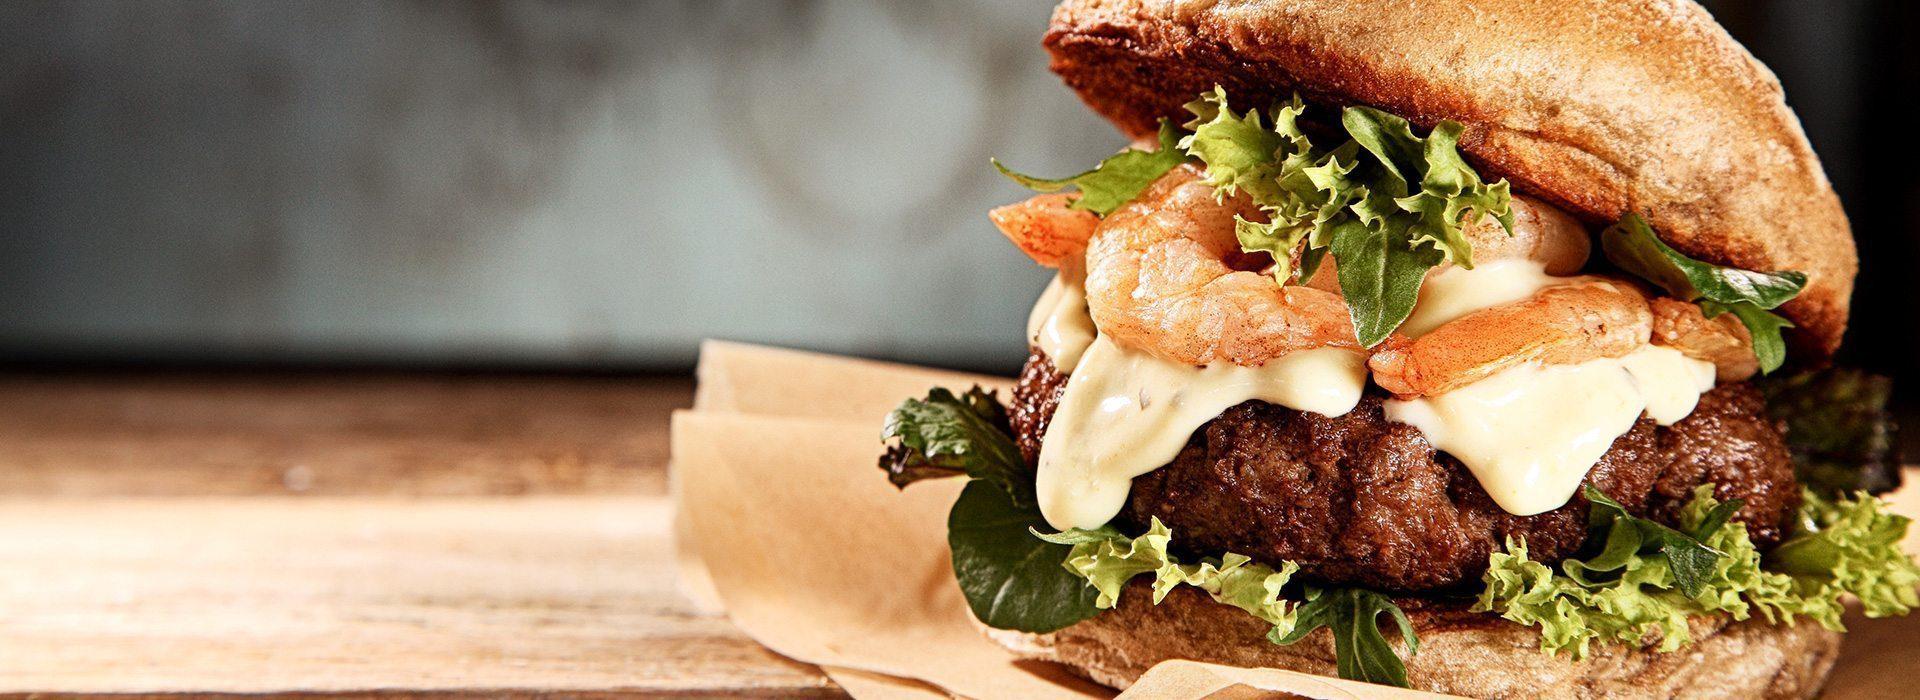 Burger aux saveurs du Tennessee - Recette Berthelet